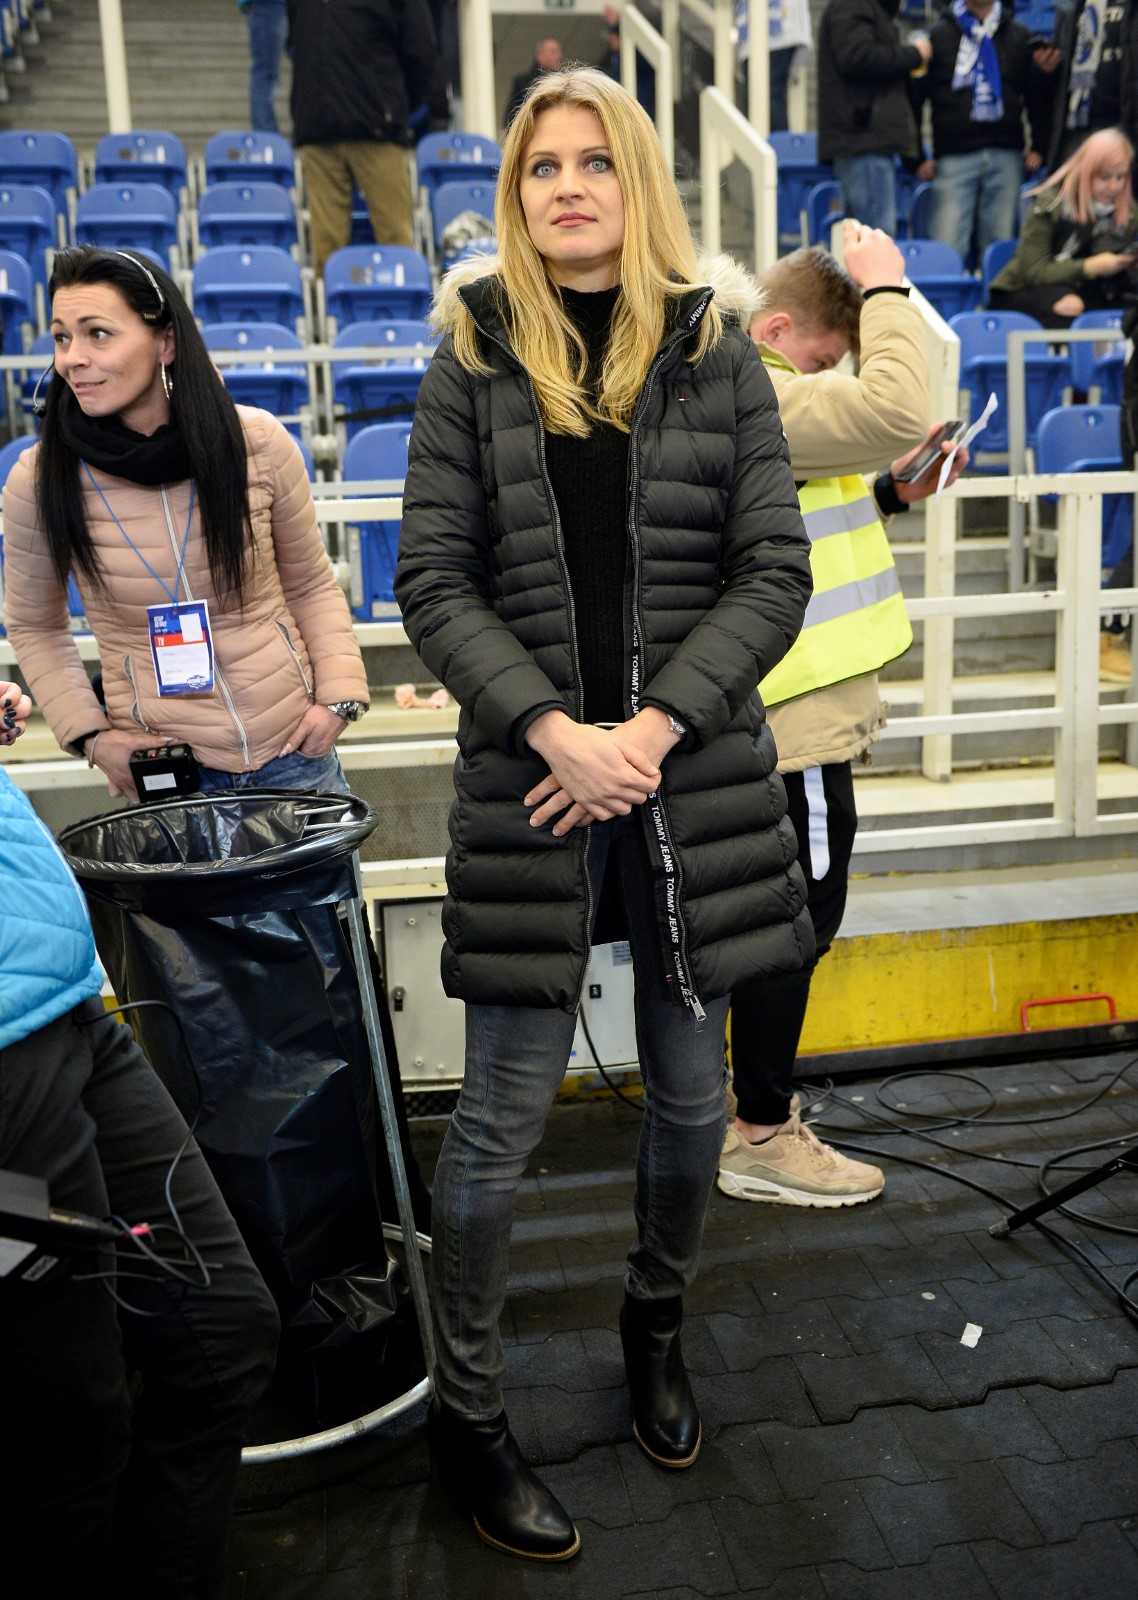 Tenistka Lucie Šafářová se ve čtvrtek přišla podívat na extraligové utkání mezi Kometou a Spartou